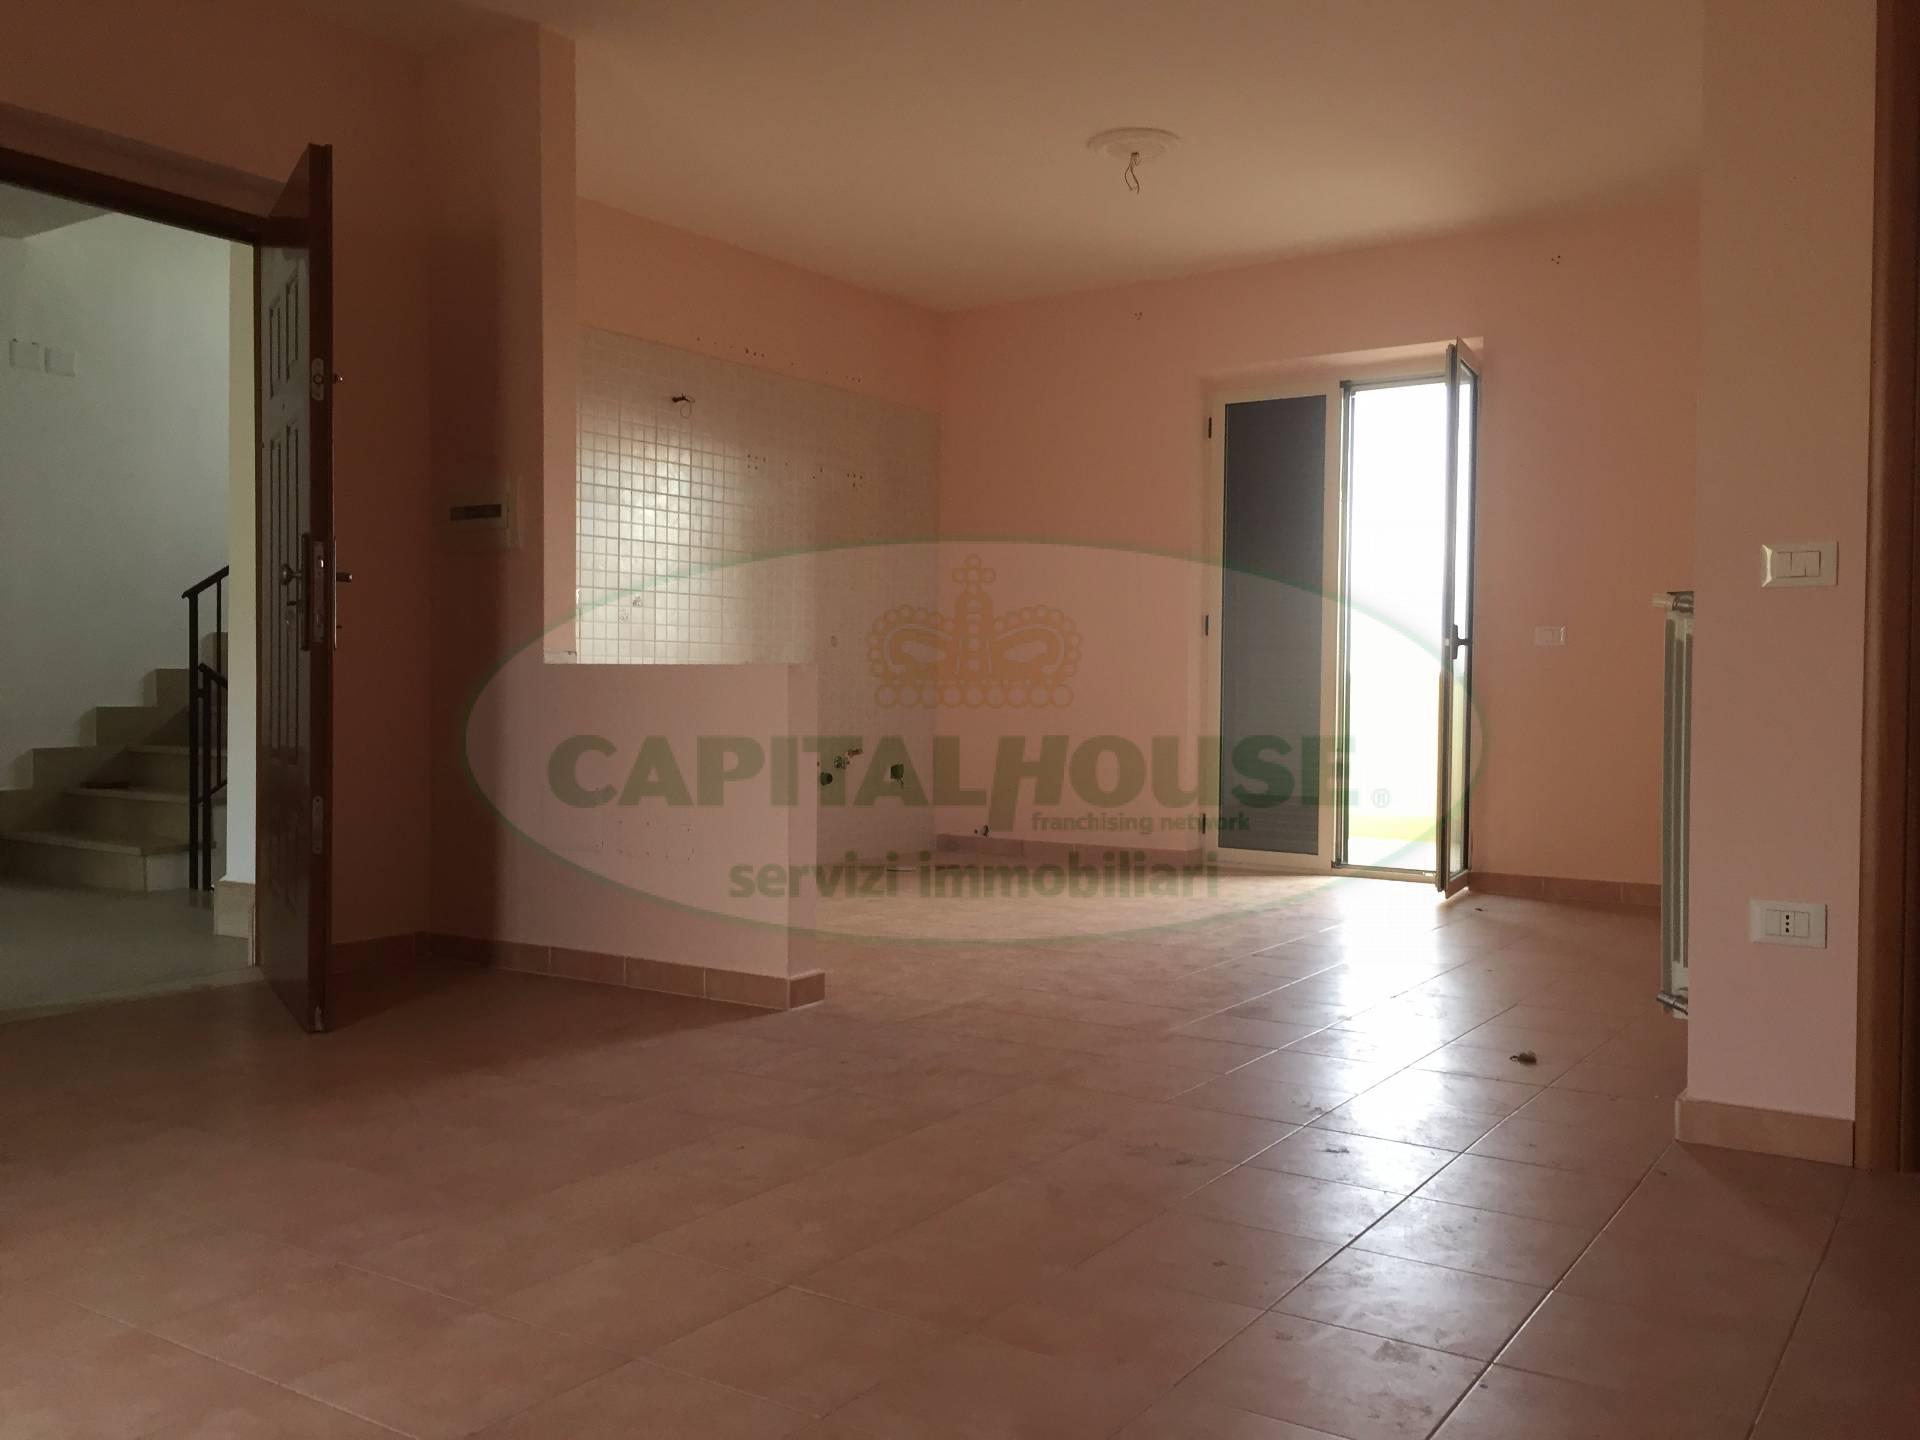 Appartamento in affitto a Santa Maria Capua Vetere, 4 locali, prezzo € 350 | Cambio Casa.it